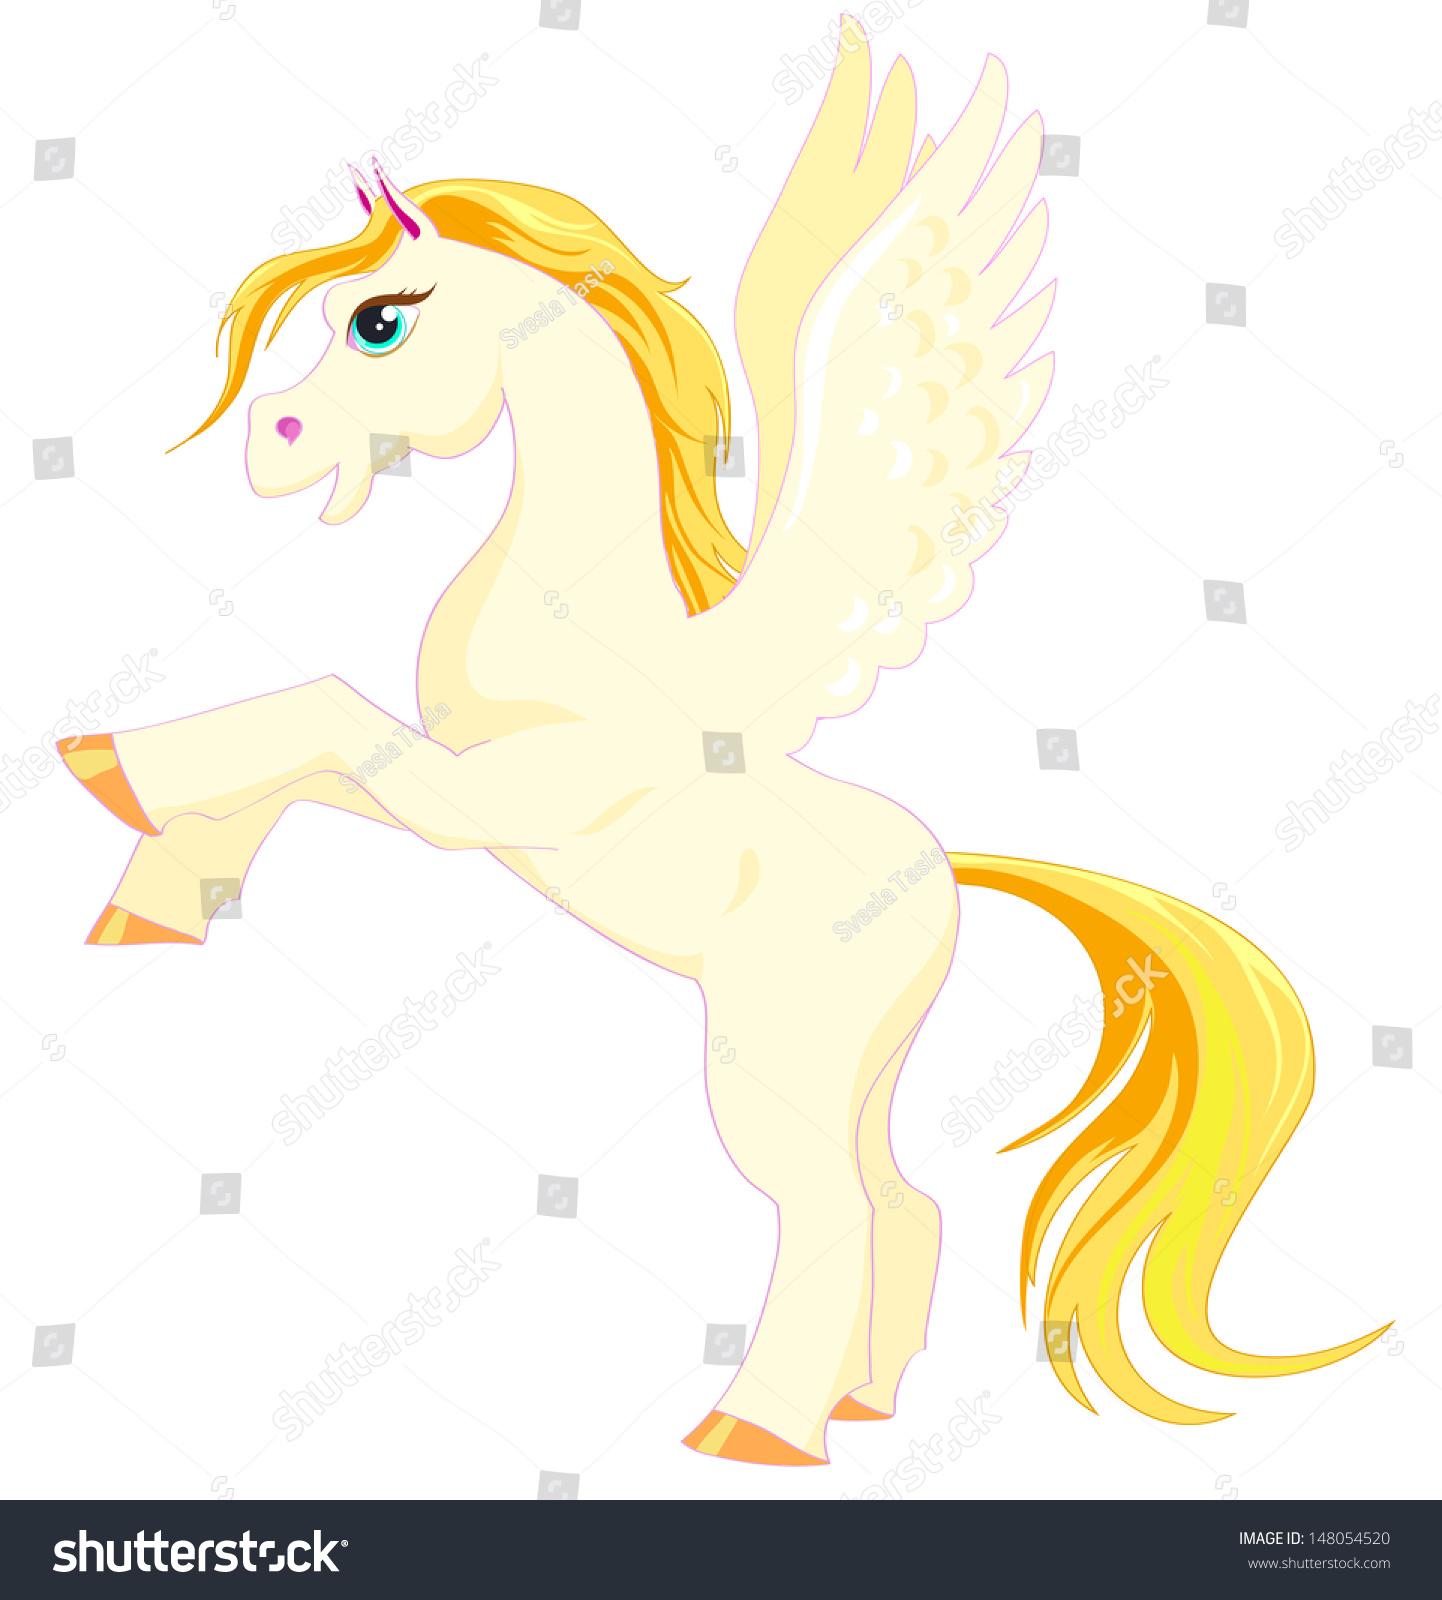 Vector De Stock Libre De Regalias Sobre Vector Pony Wings Little Fantasy White148054520